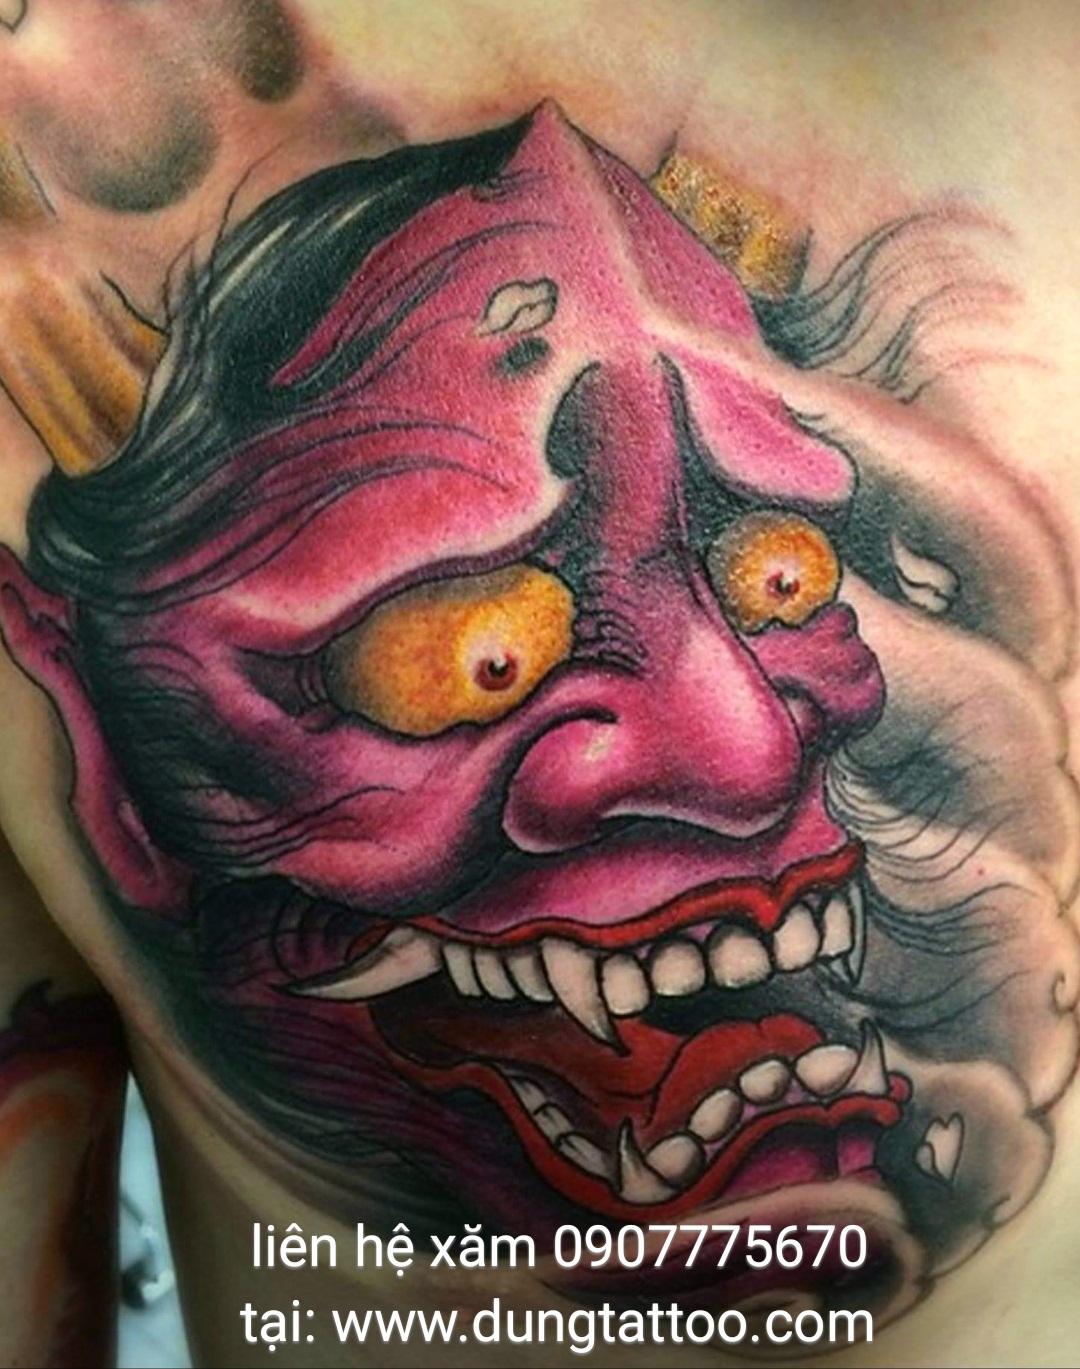 hinh xam dung tattoo hcm thuc hien 1